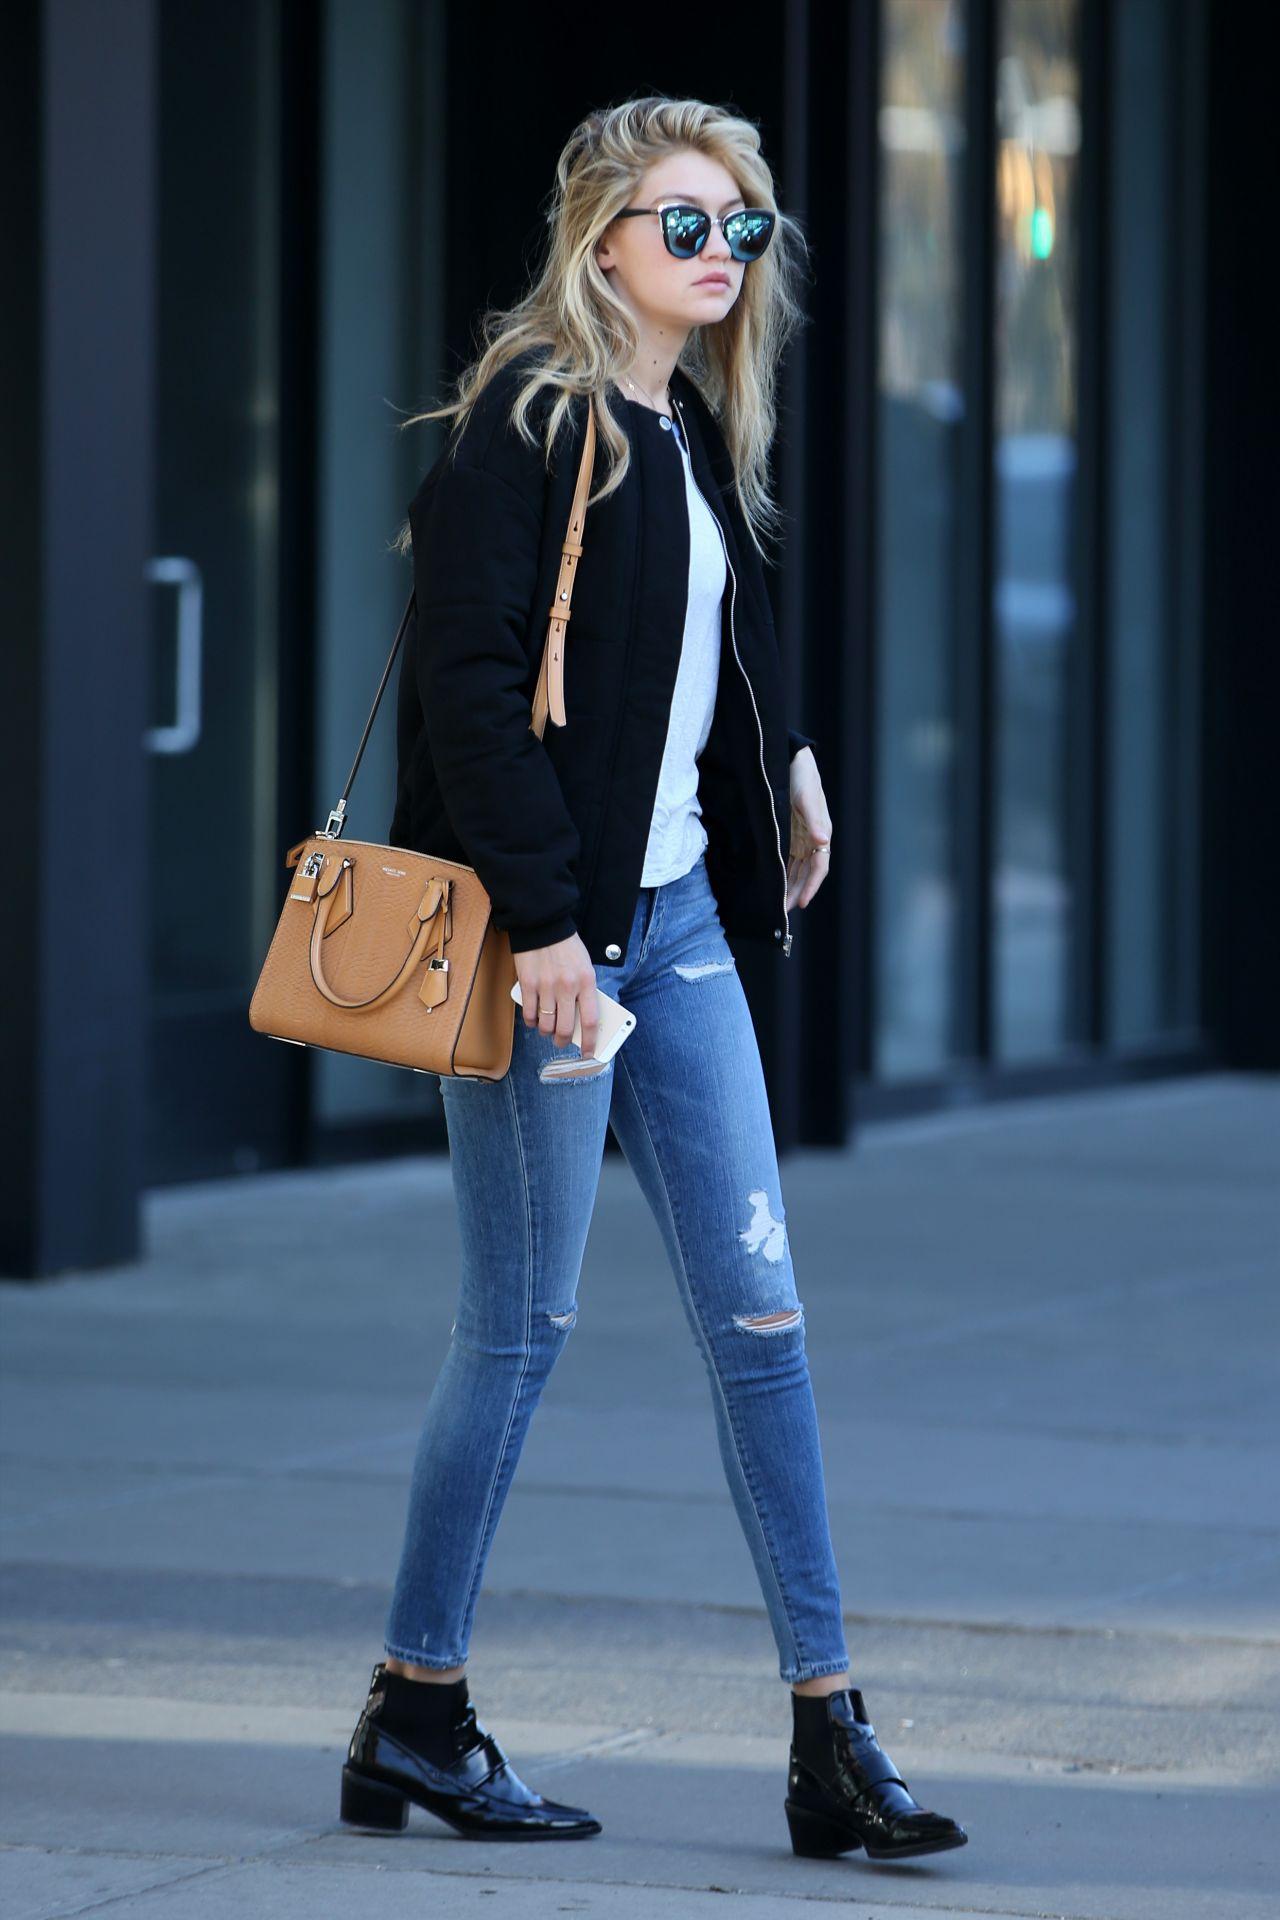 Street style celebrities this week